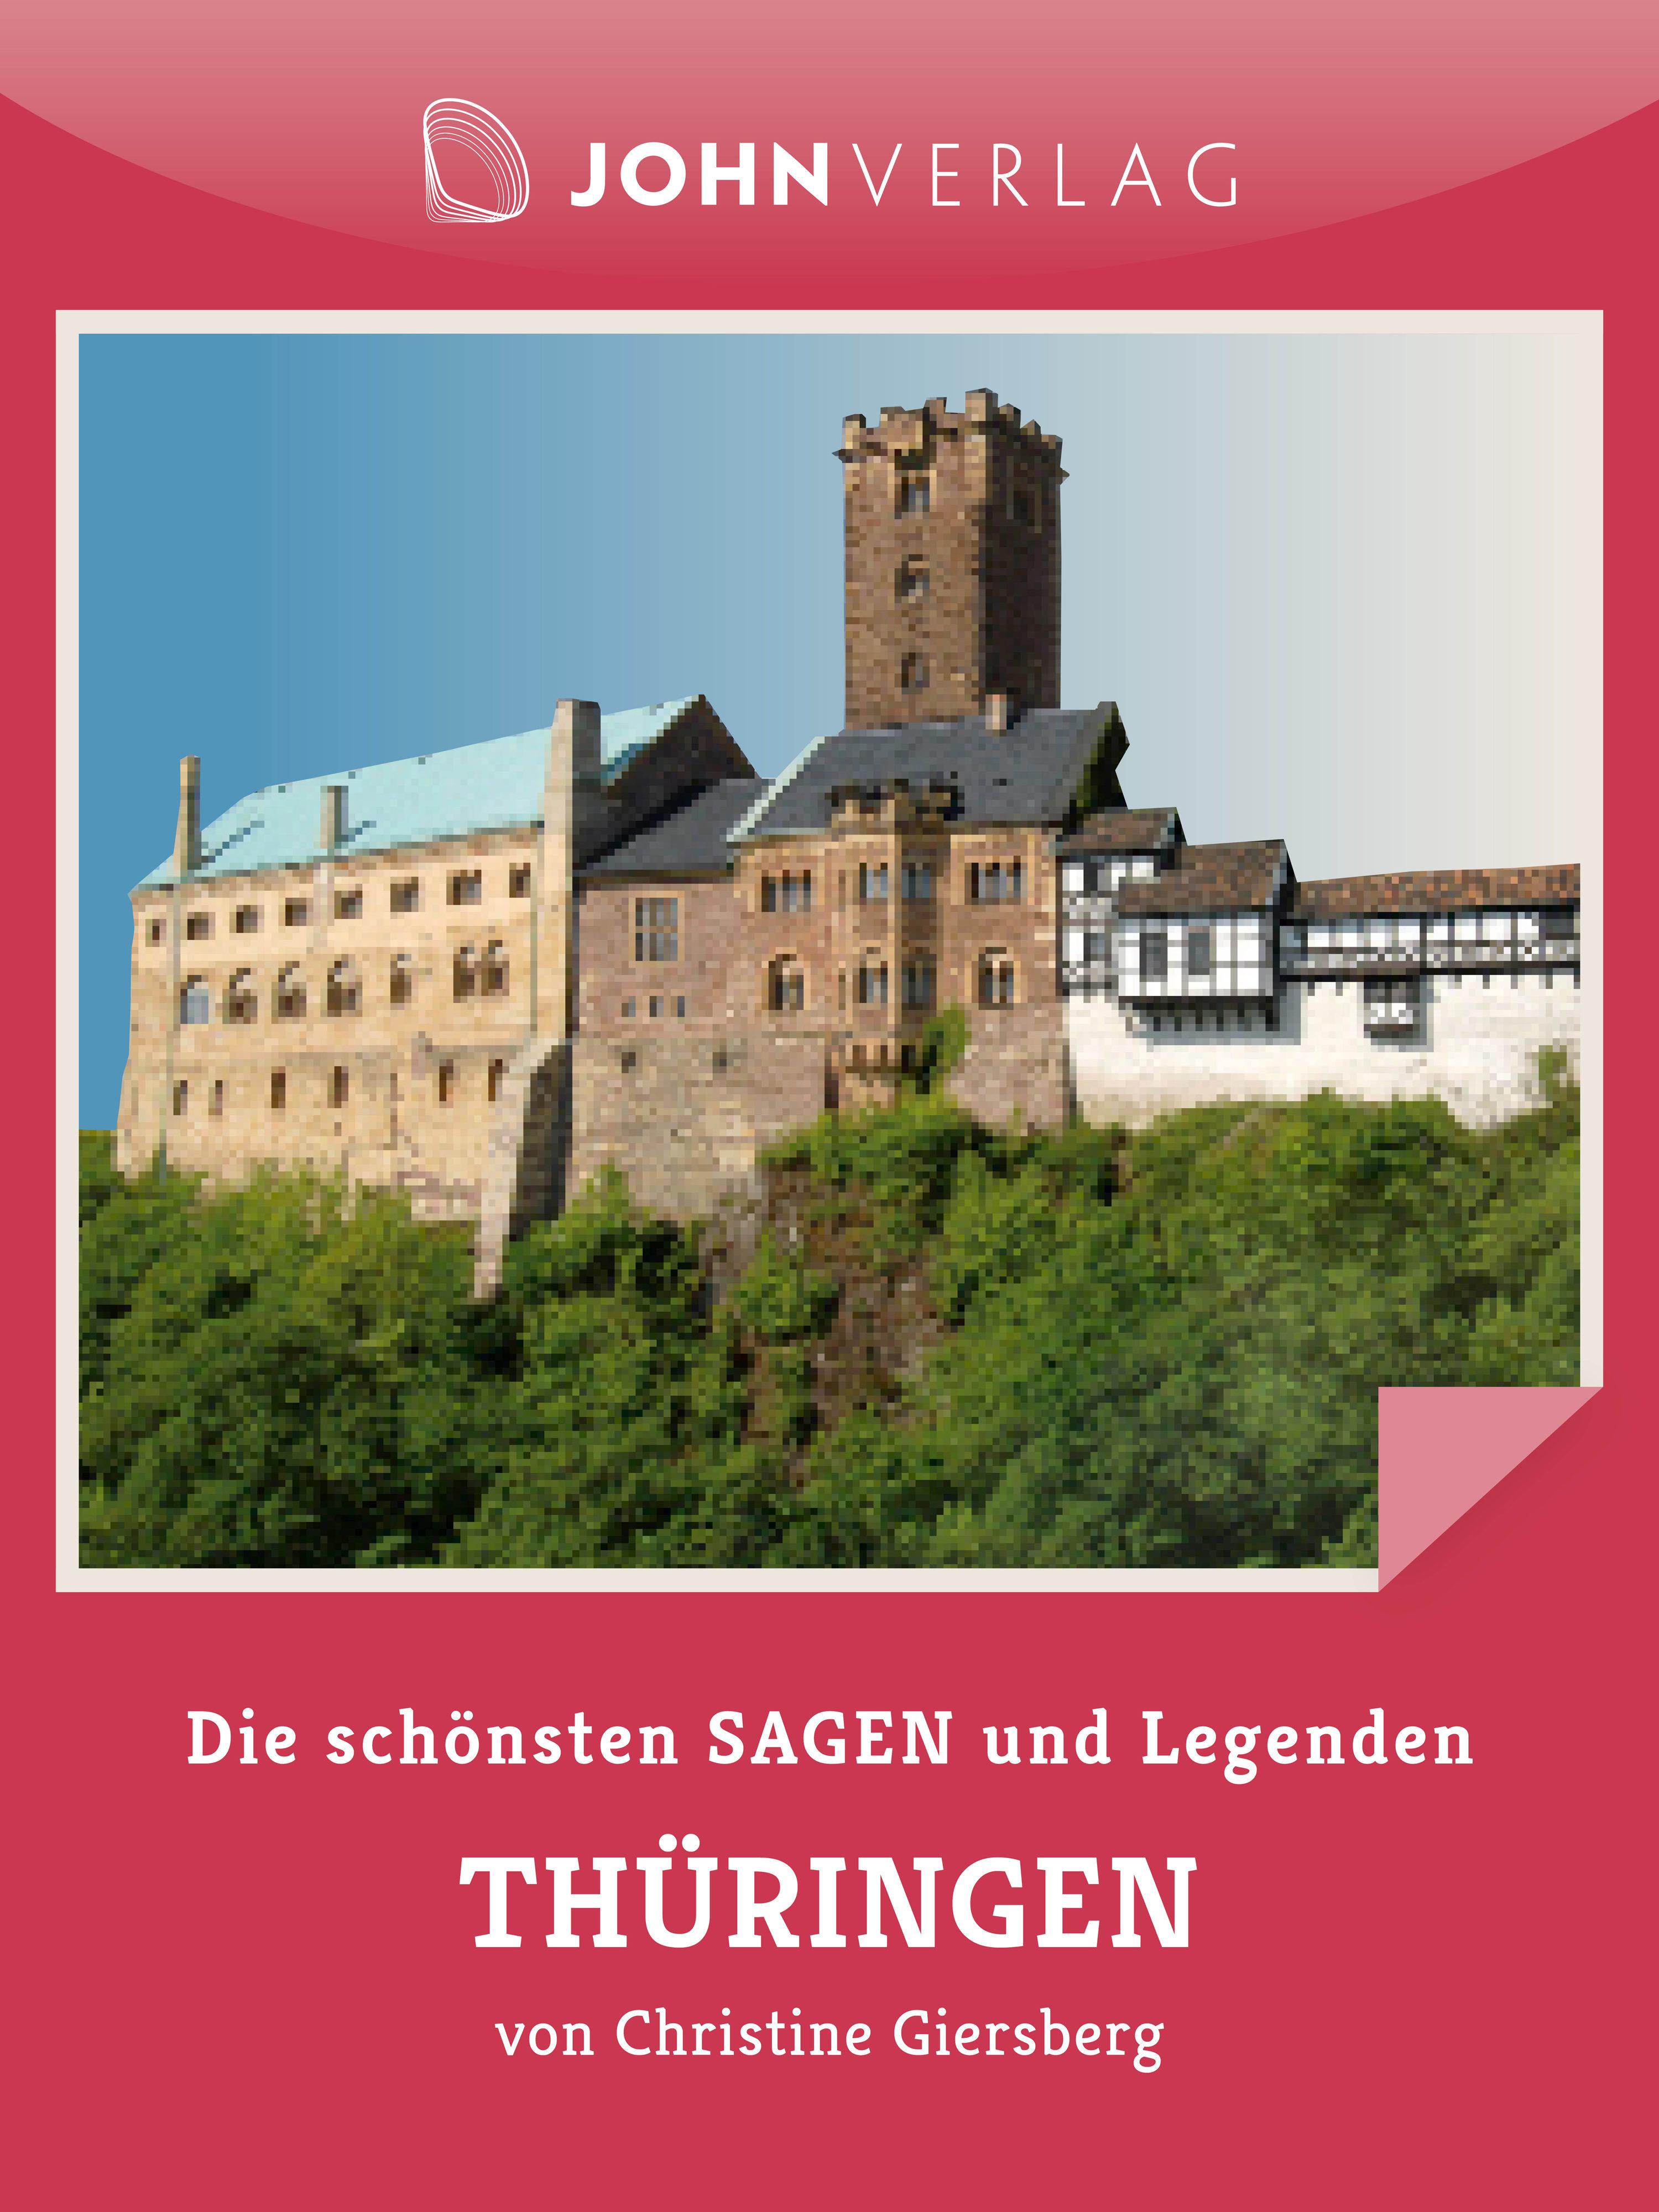 Sagen Und Legenden Aus Thüringen Ebook Christine Giersberg Descargar Libro Pdf O Epub 9783942057165